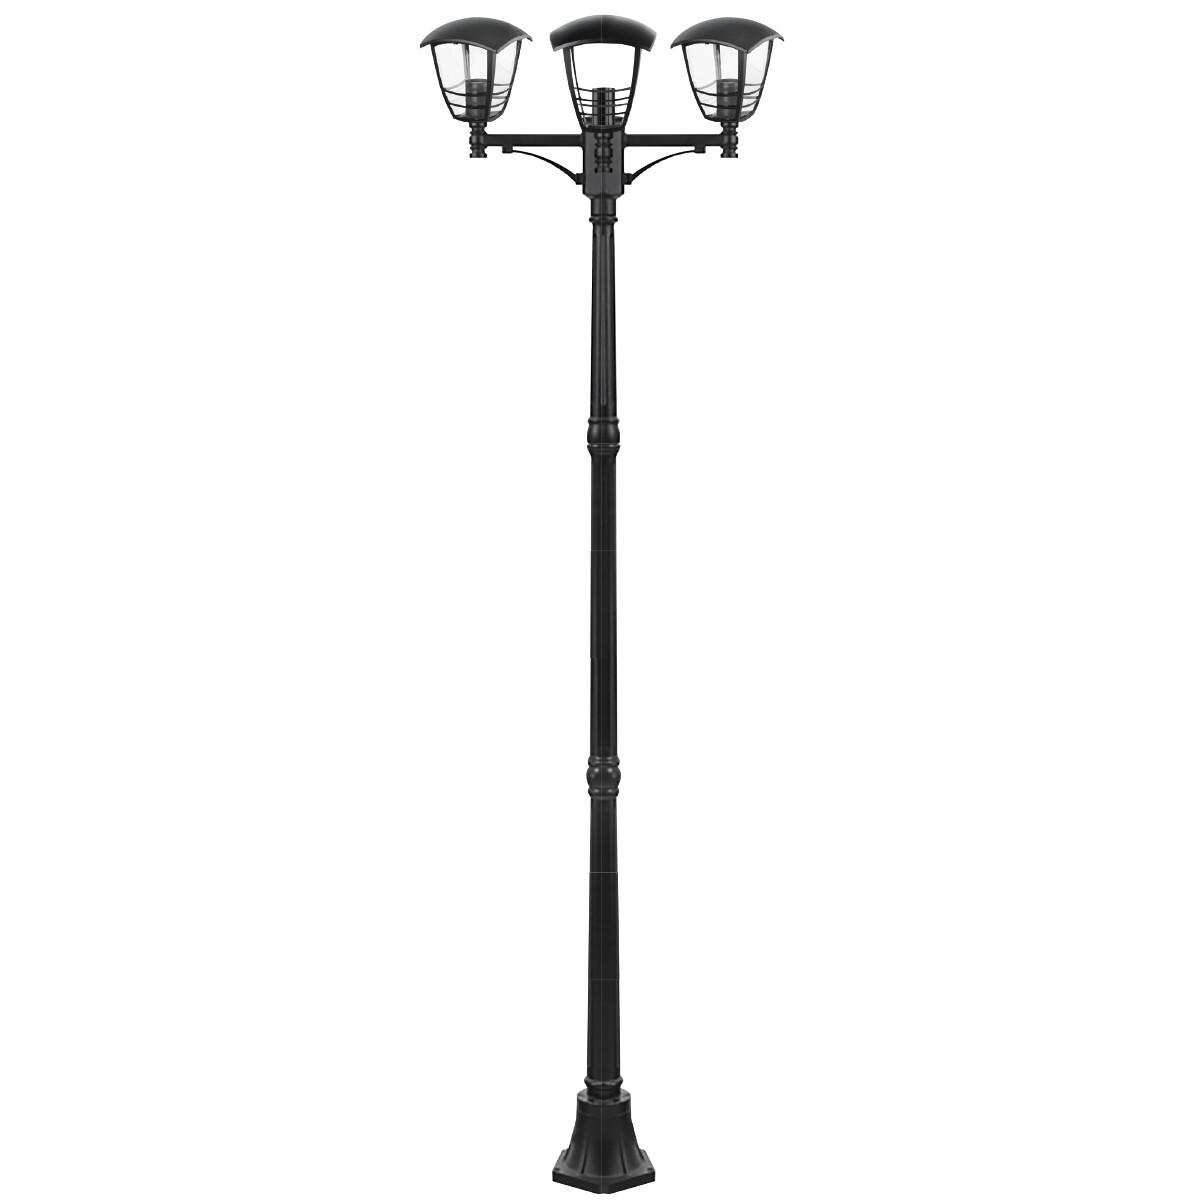 LED Tuinverlichting - Buitenlamp - Narmy 7 - Staand - Mat Zwart - E27 Fitting - Rond - Aluminium